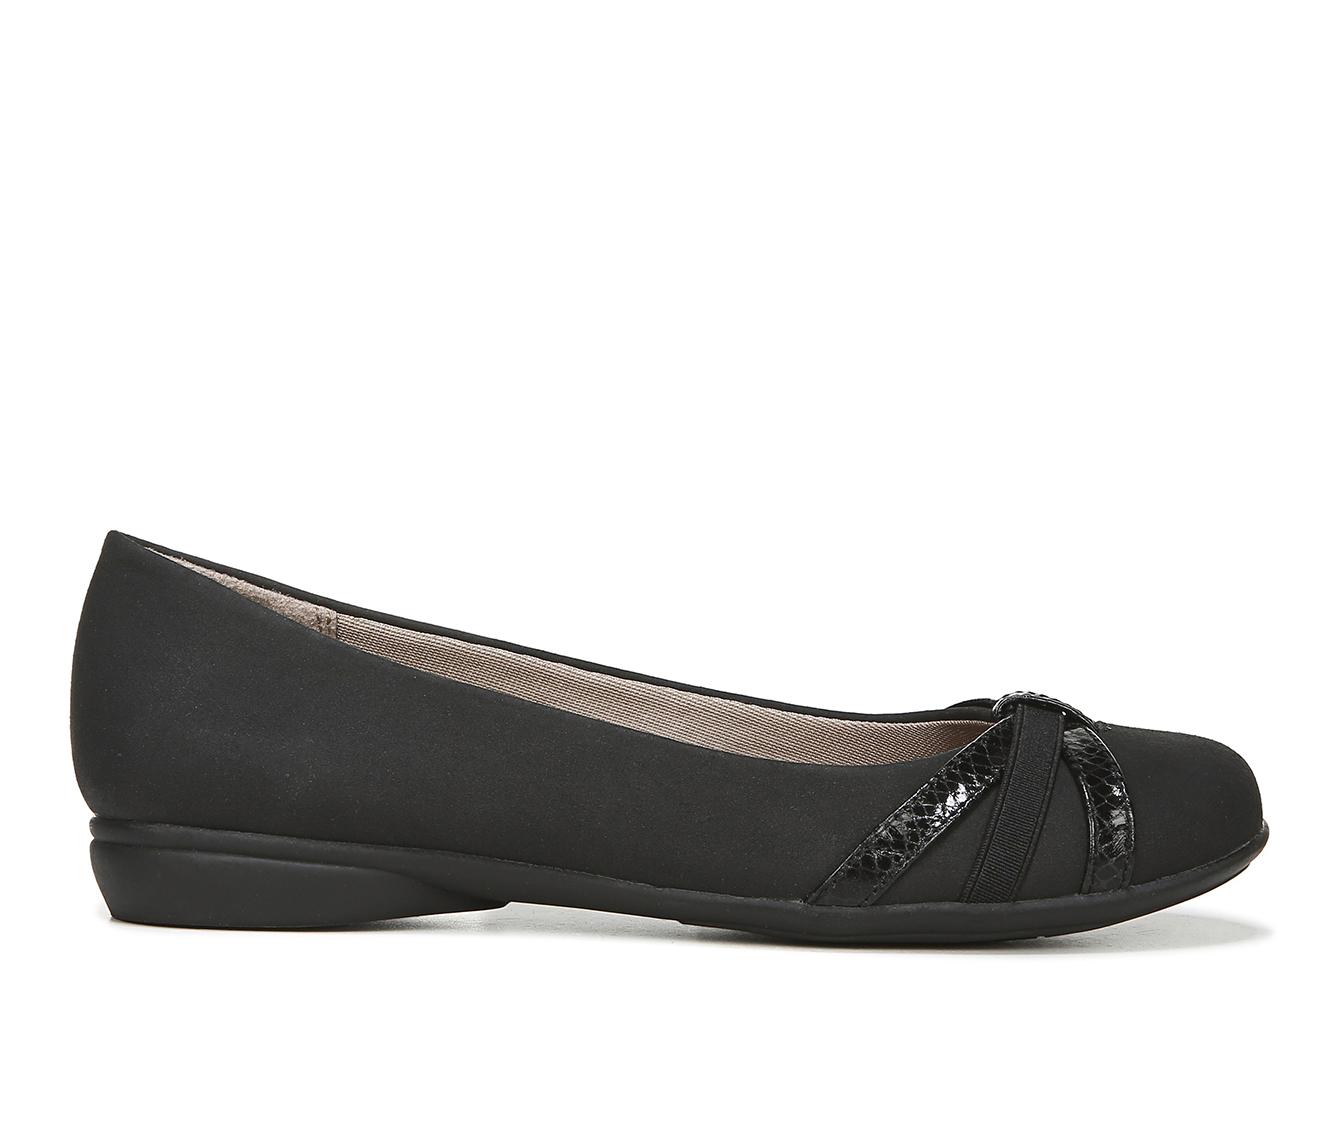 LifeStride Abigail Women's Shoe (Black Faux Leather)